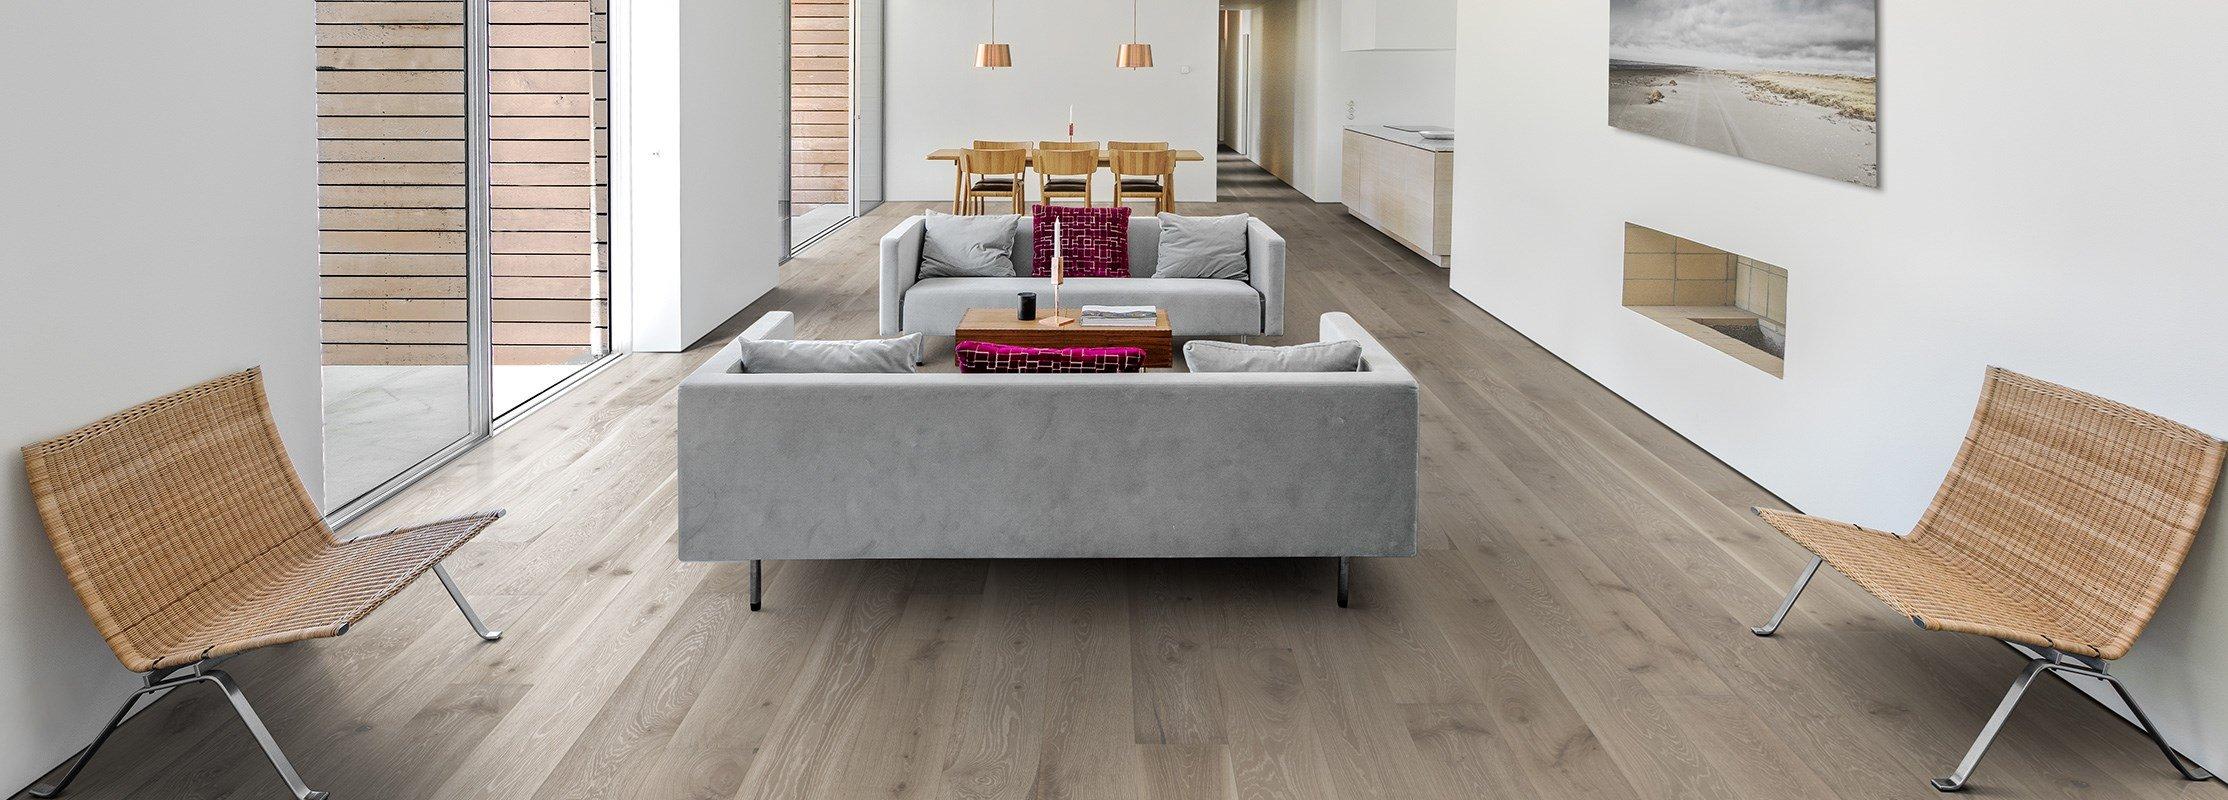 Kährs trägolv – Golv av högsta kvalitet– bygghemma.se